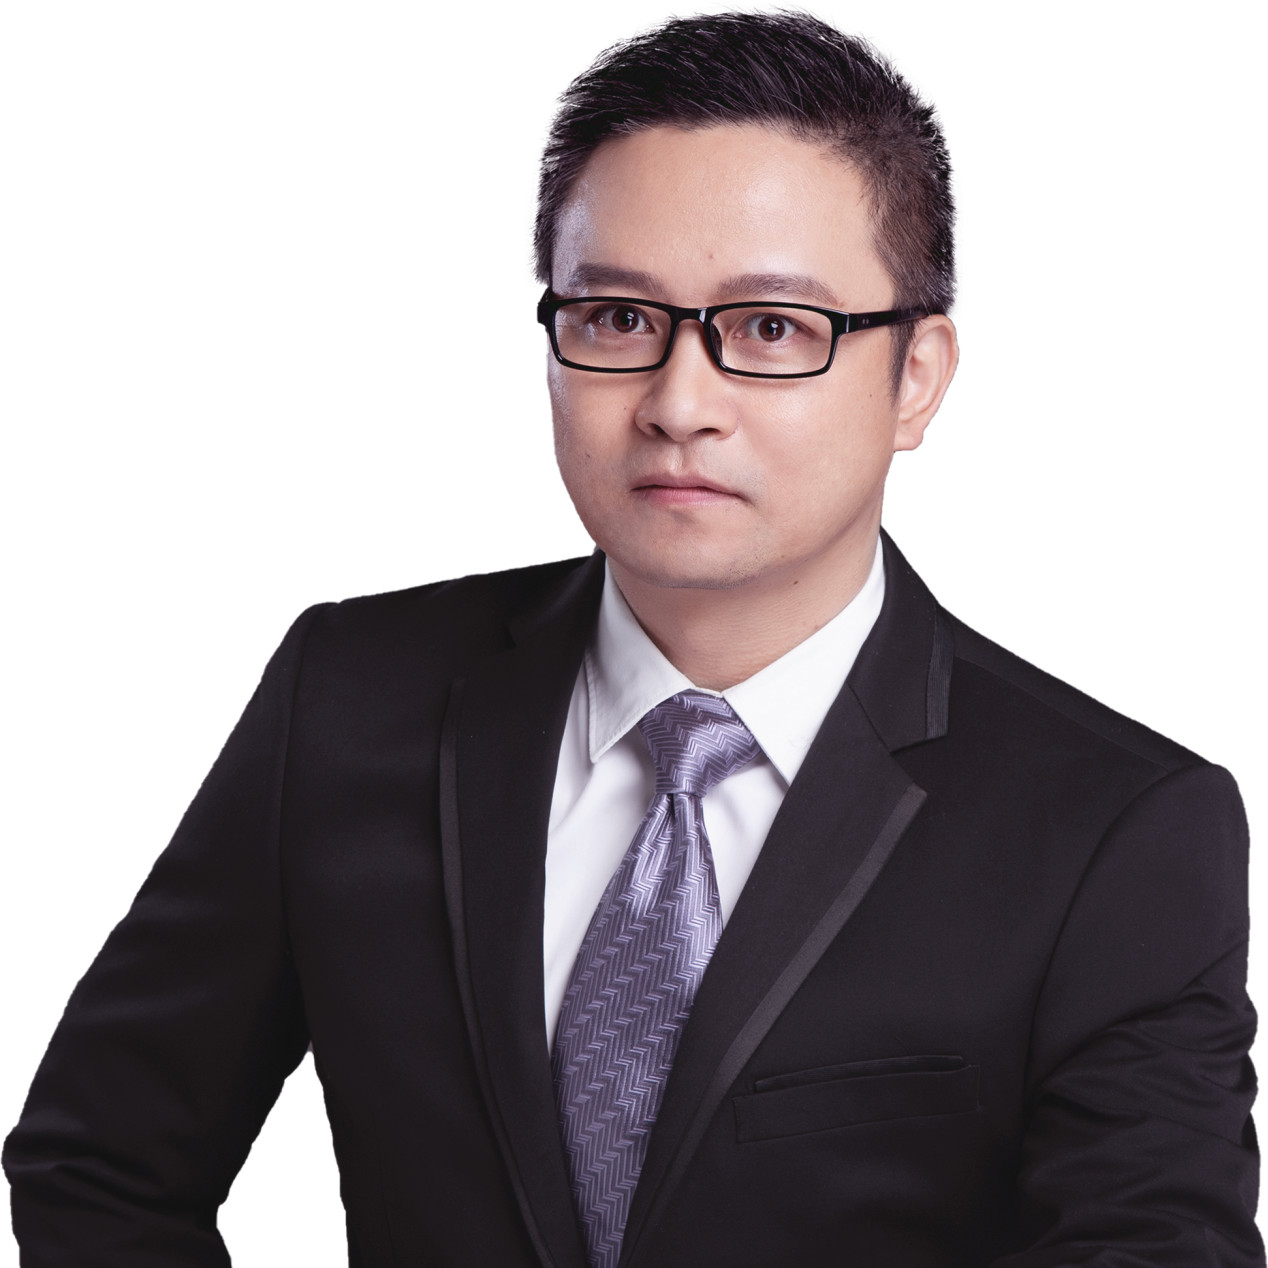 深圳市赛亚资本董事长罗伟冬: 像芒格看《巴伦周刊》那样守住《红周刊》